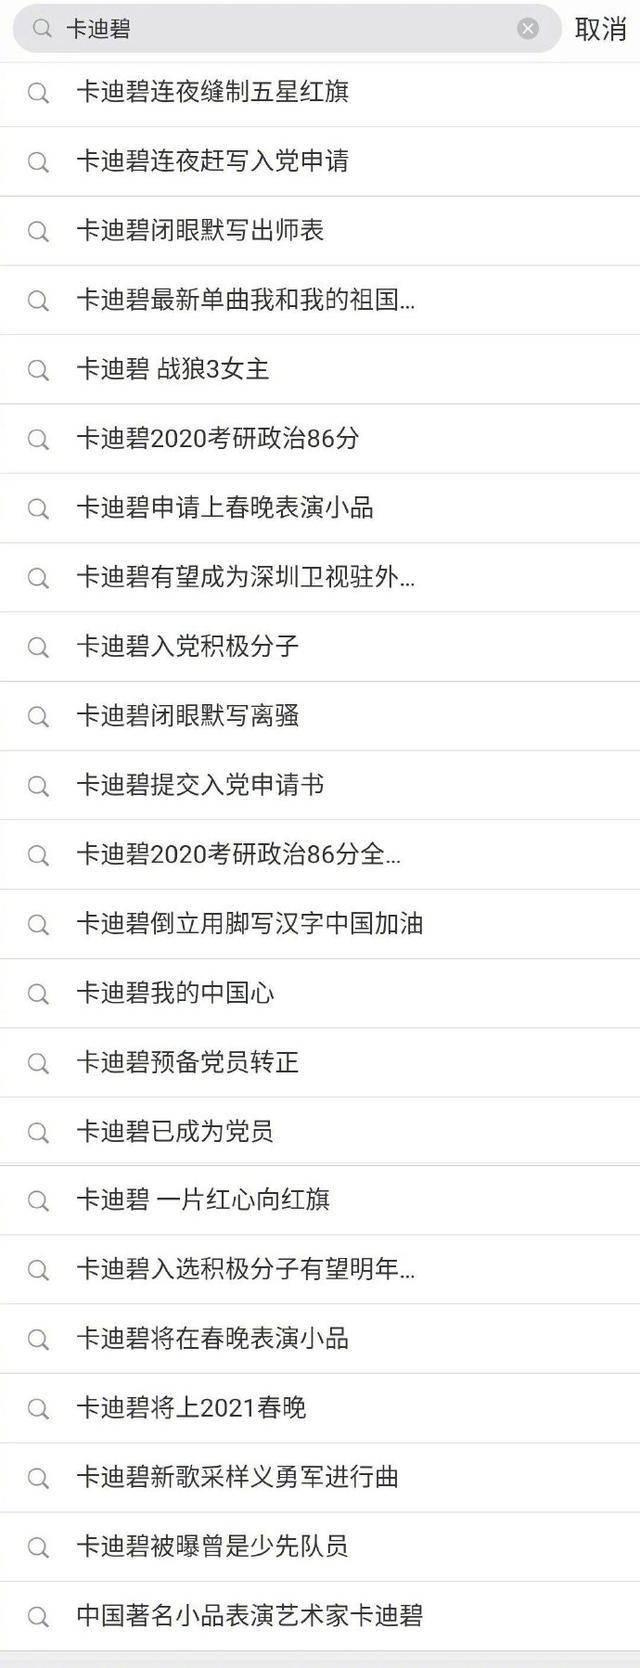 原唱说唱歌手卡先生在直播室说了真心话,称赞中国。粉丝:战狼3女主持人敲定!